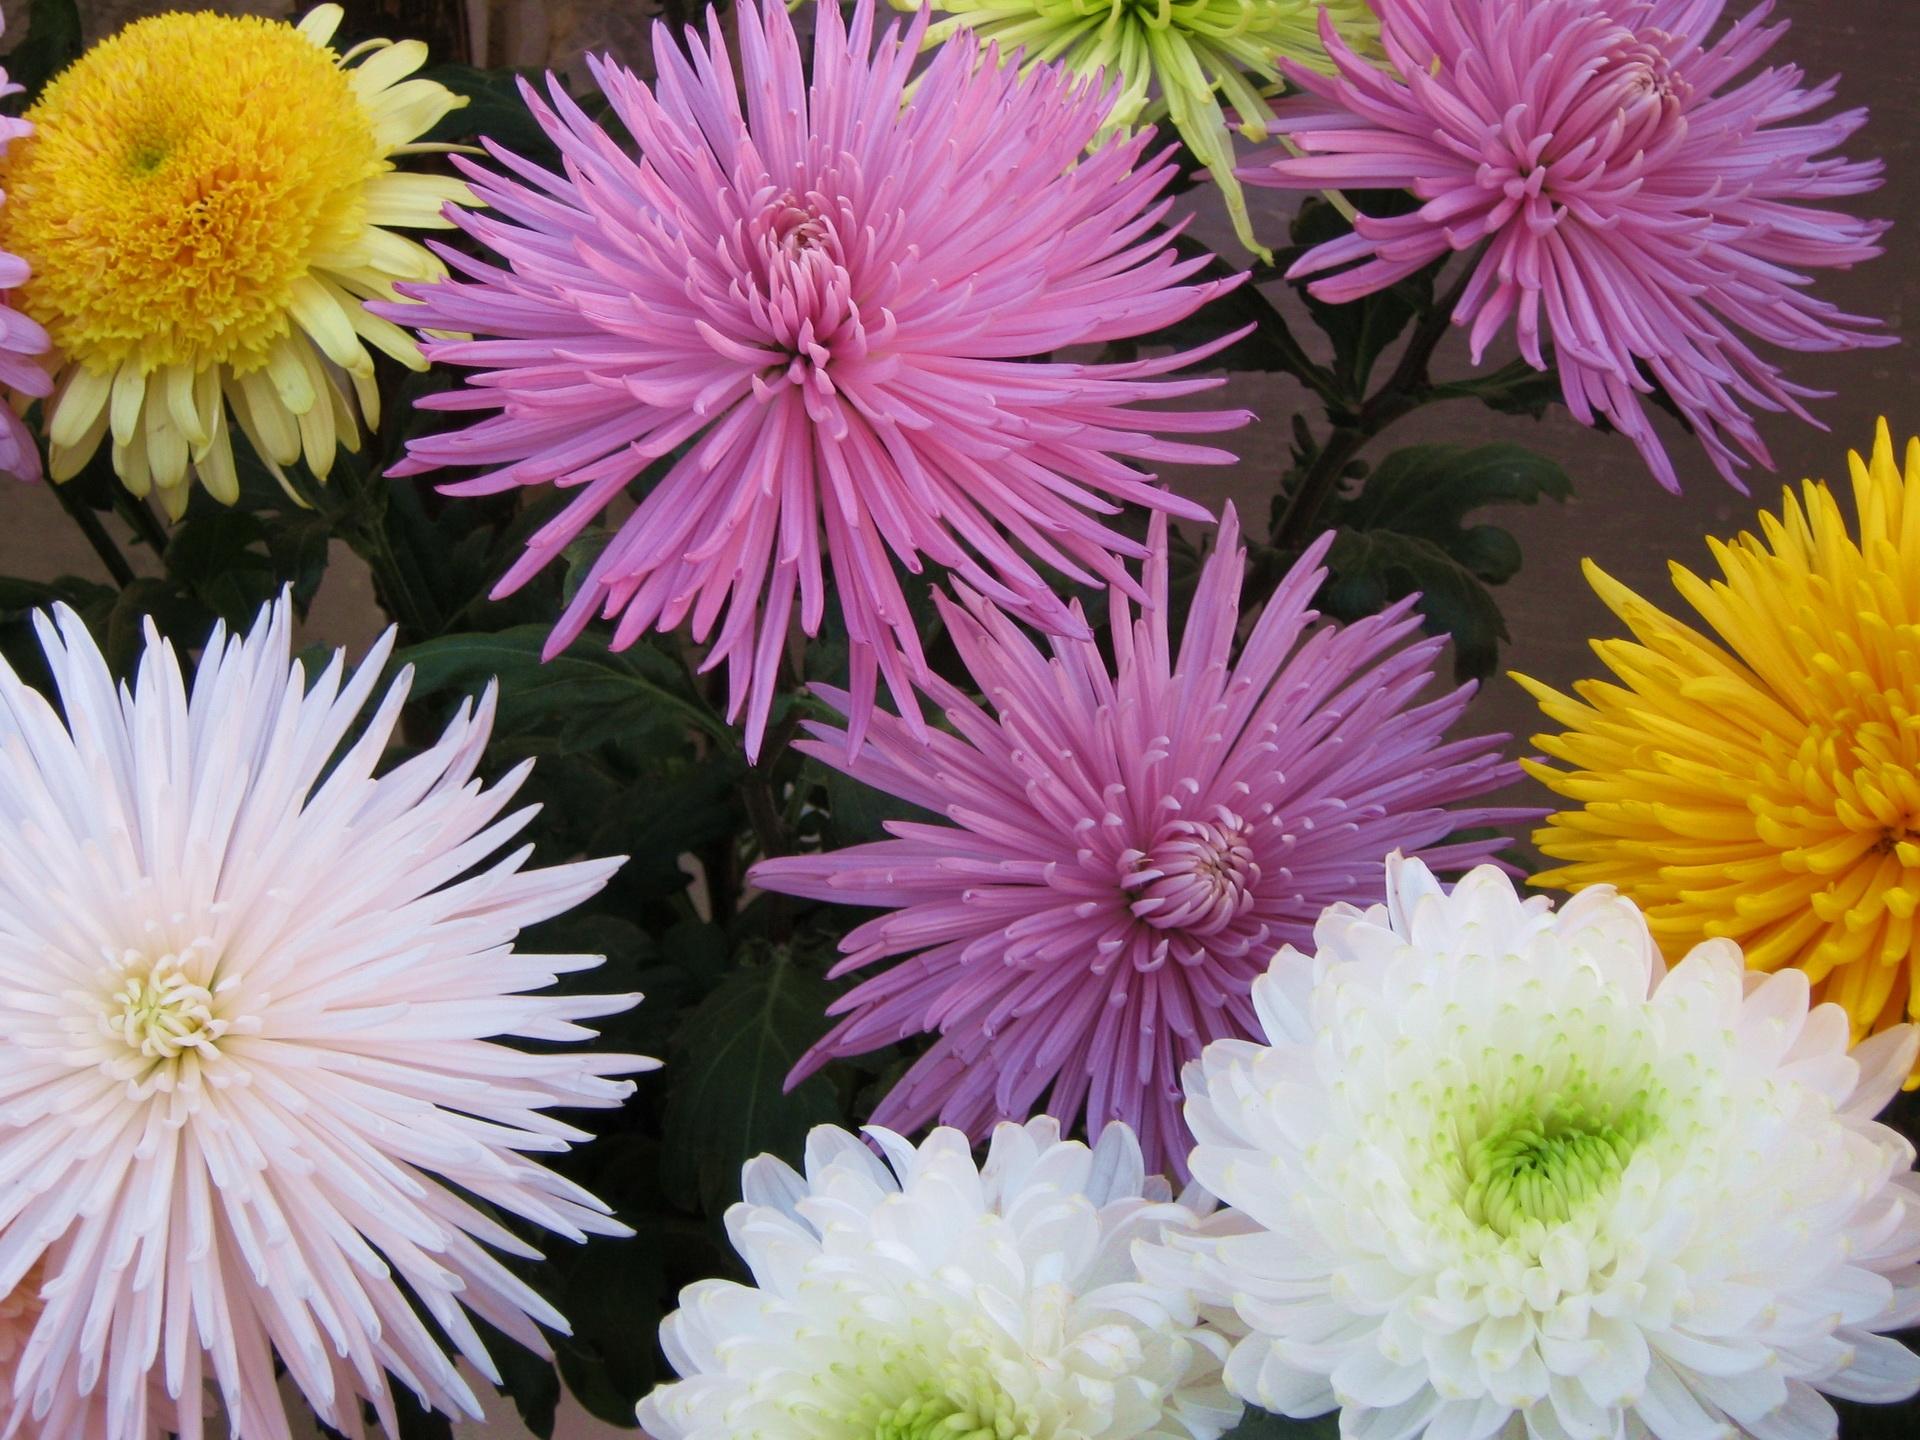 134399 скачать обои Хризантемы, Цветы, Букет, Яркие, Разные - заставки и картинки бесплатно